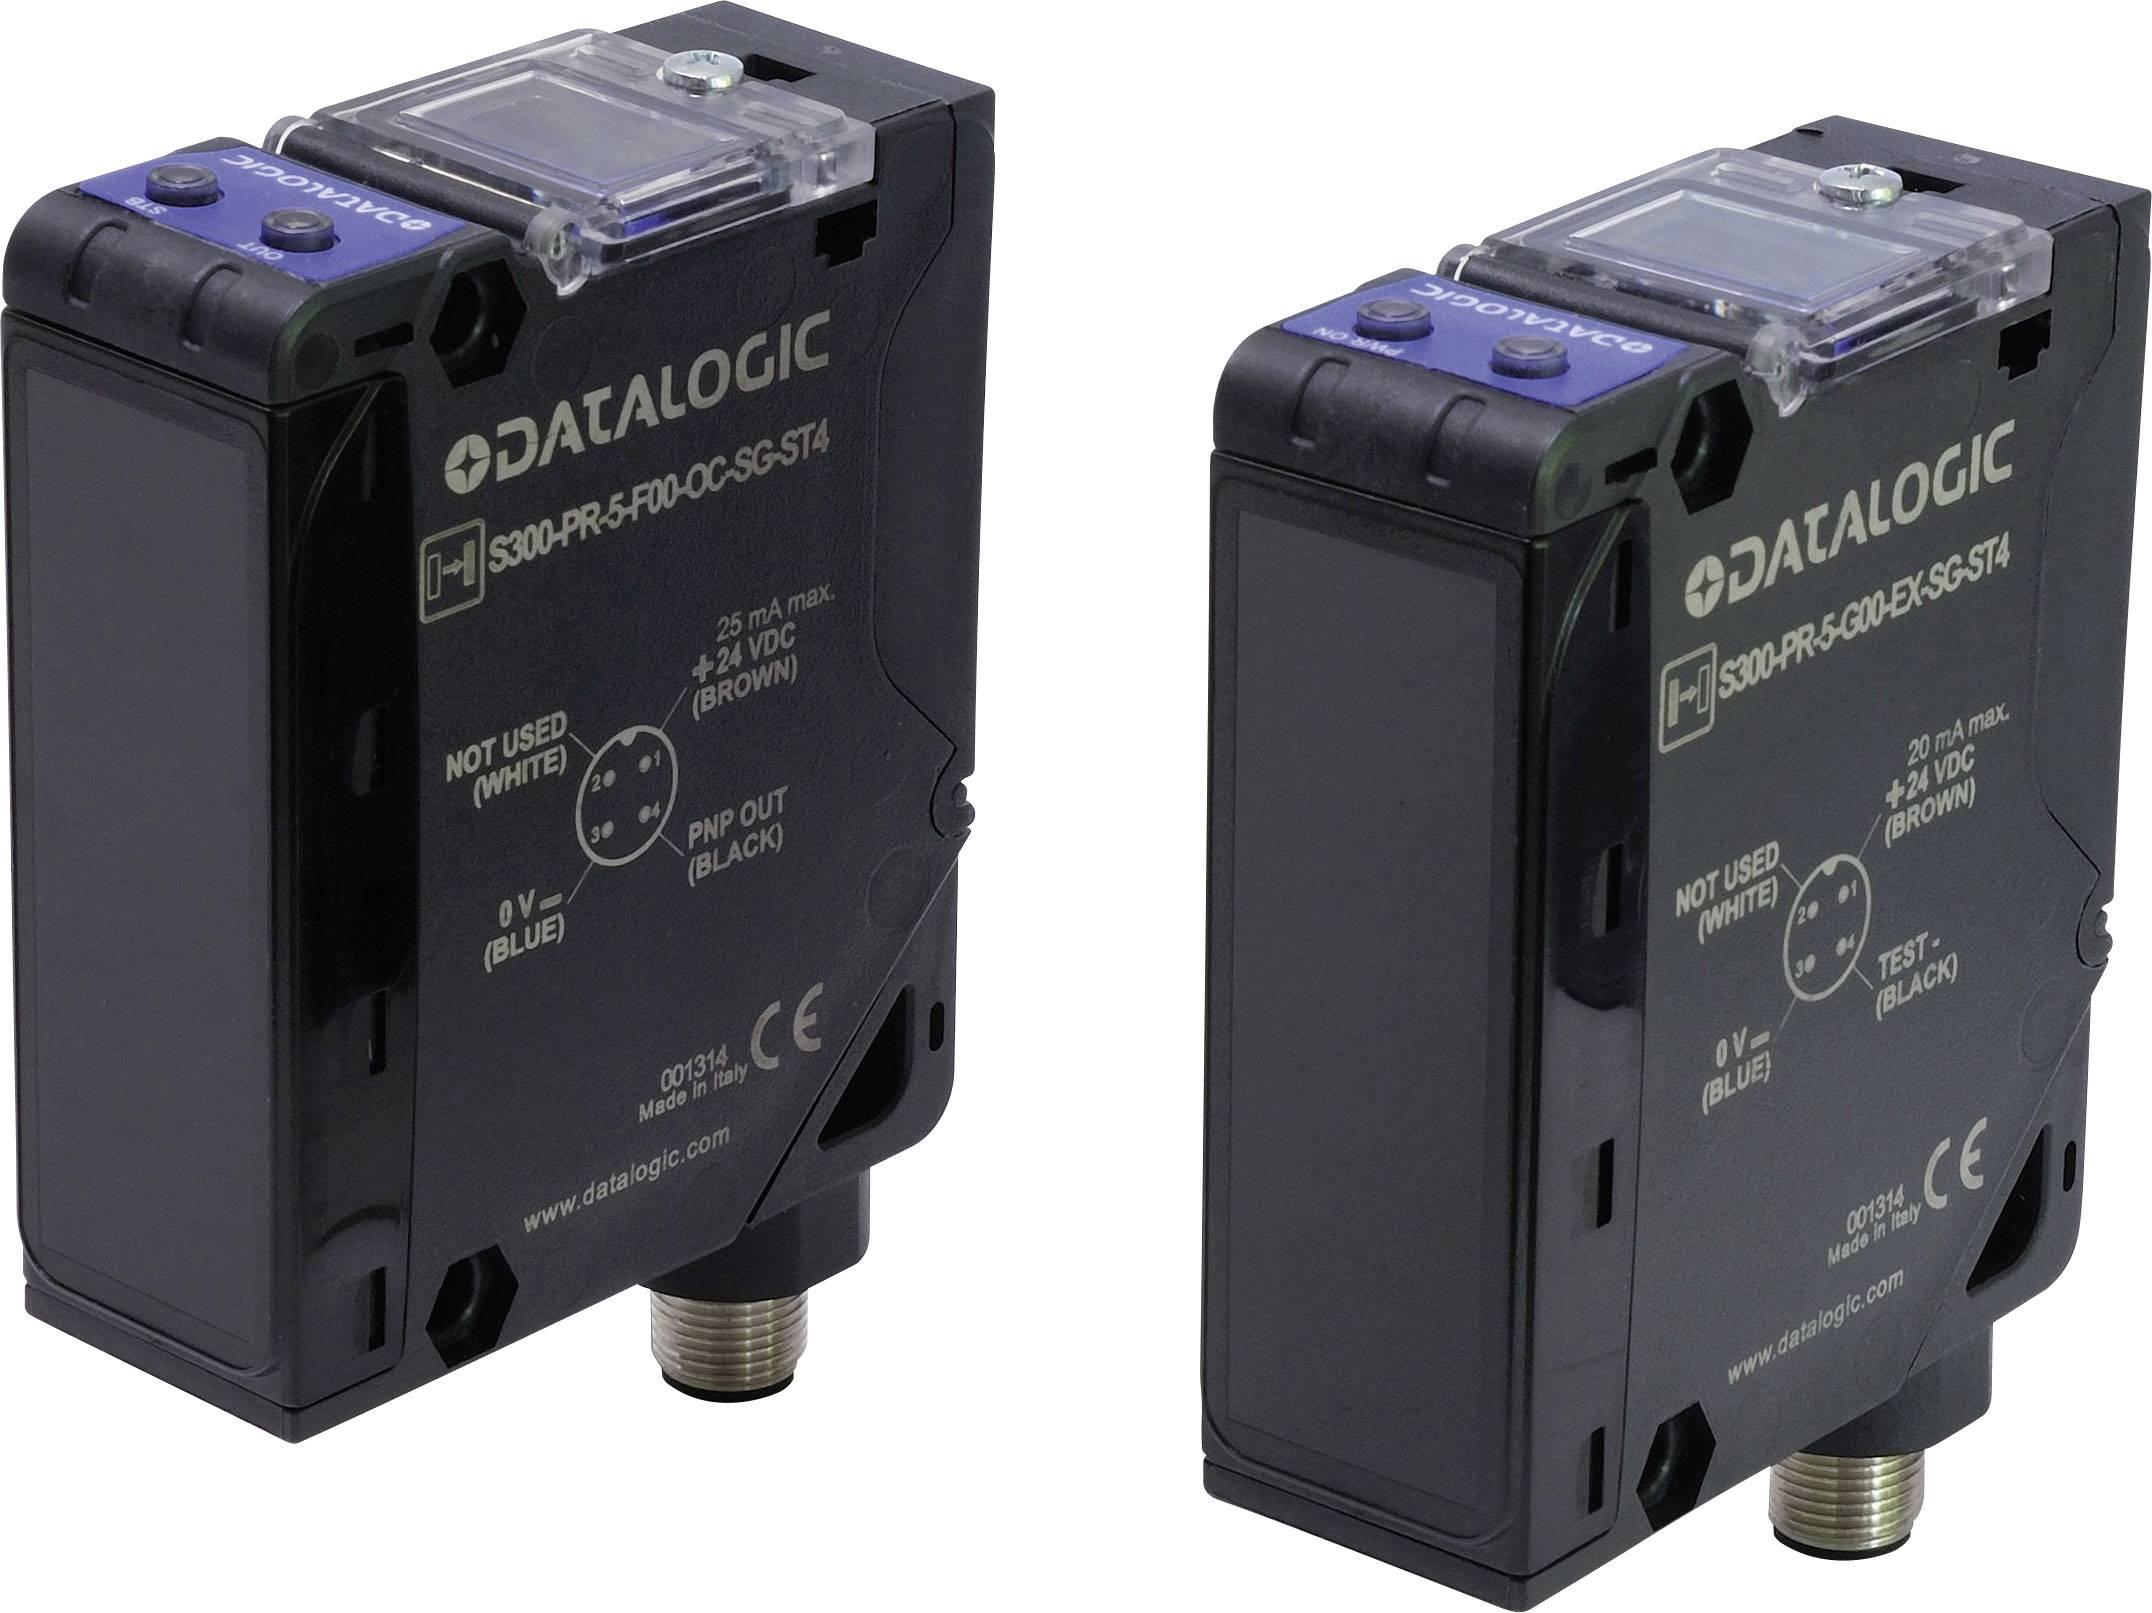 Reflexní světelná závora DataLogic S300-PR-1-C06-RX 951451120, Max. dosah 5 m